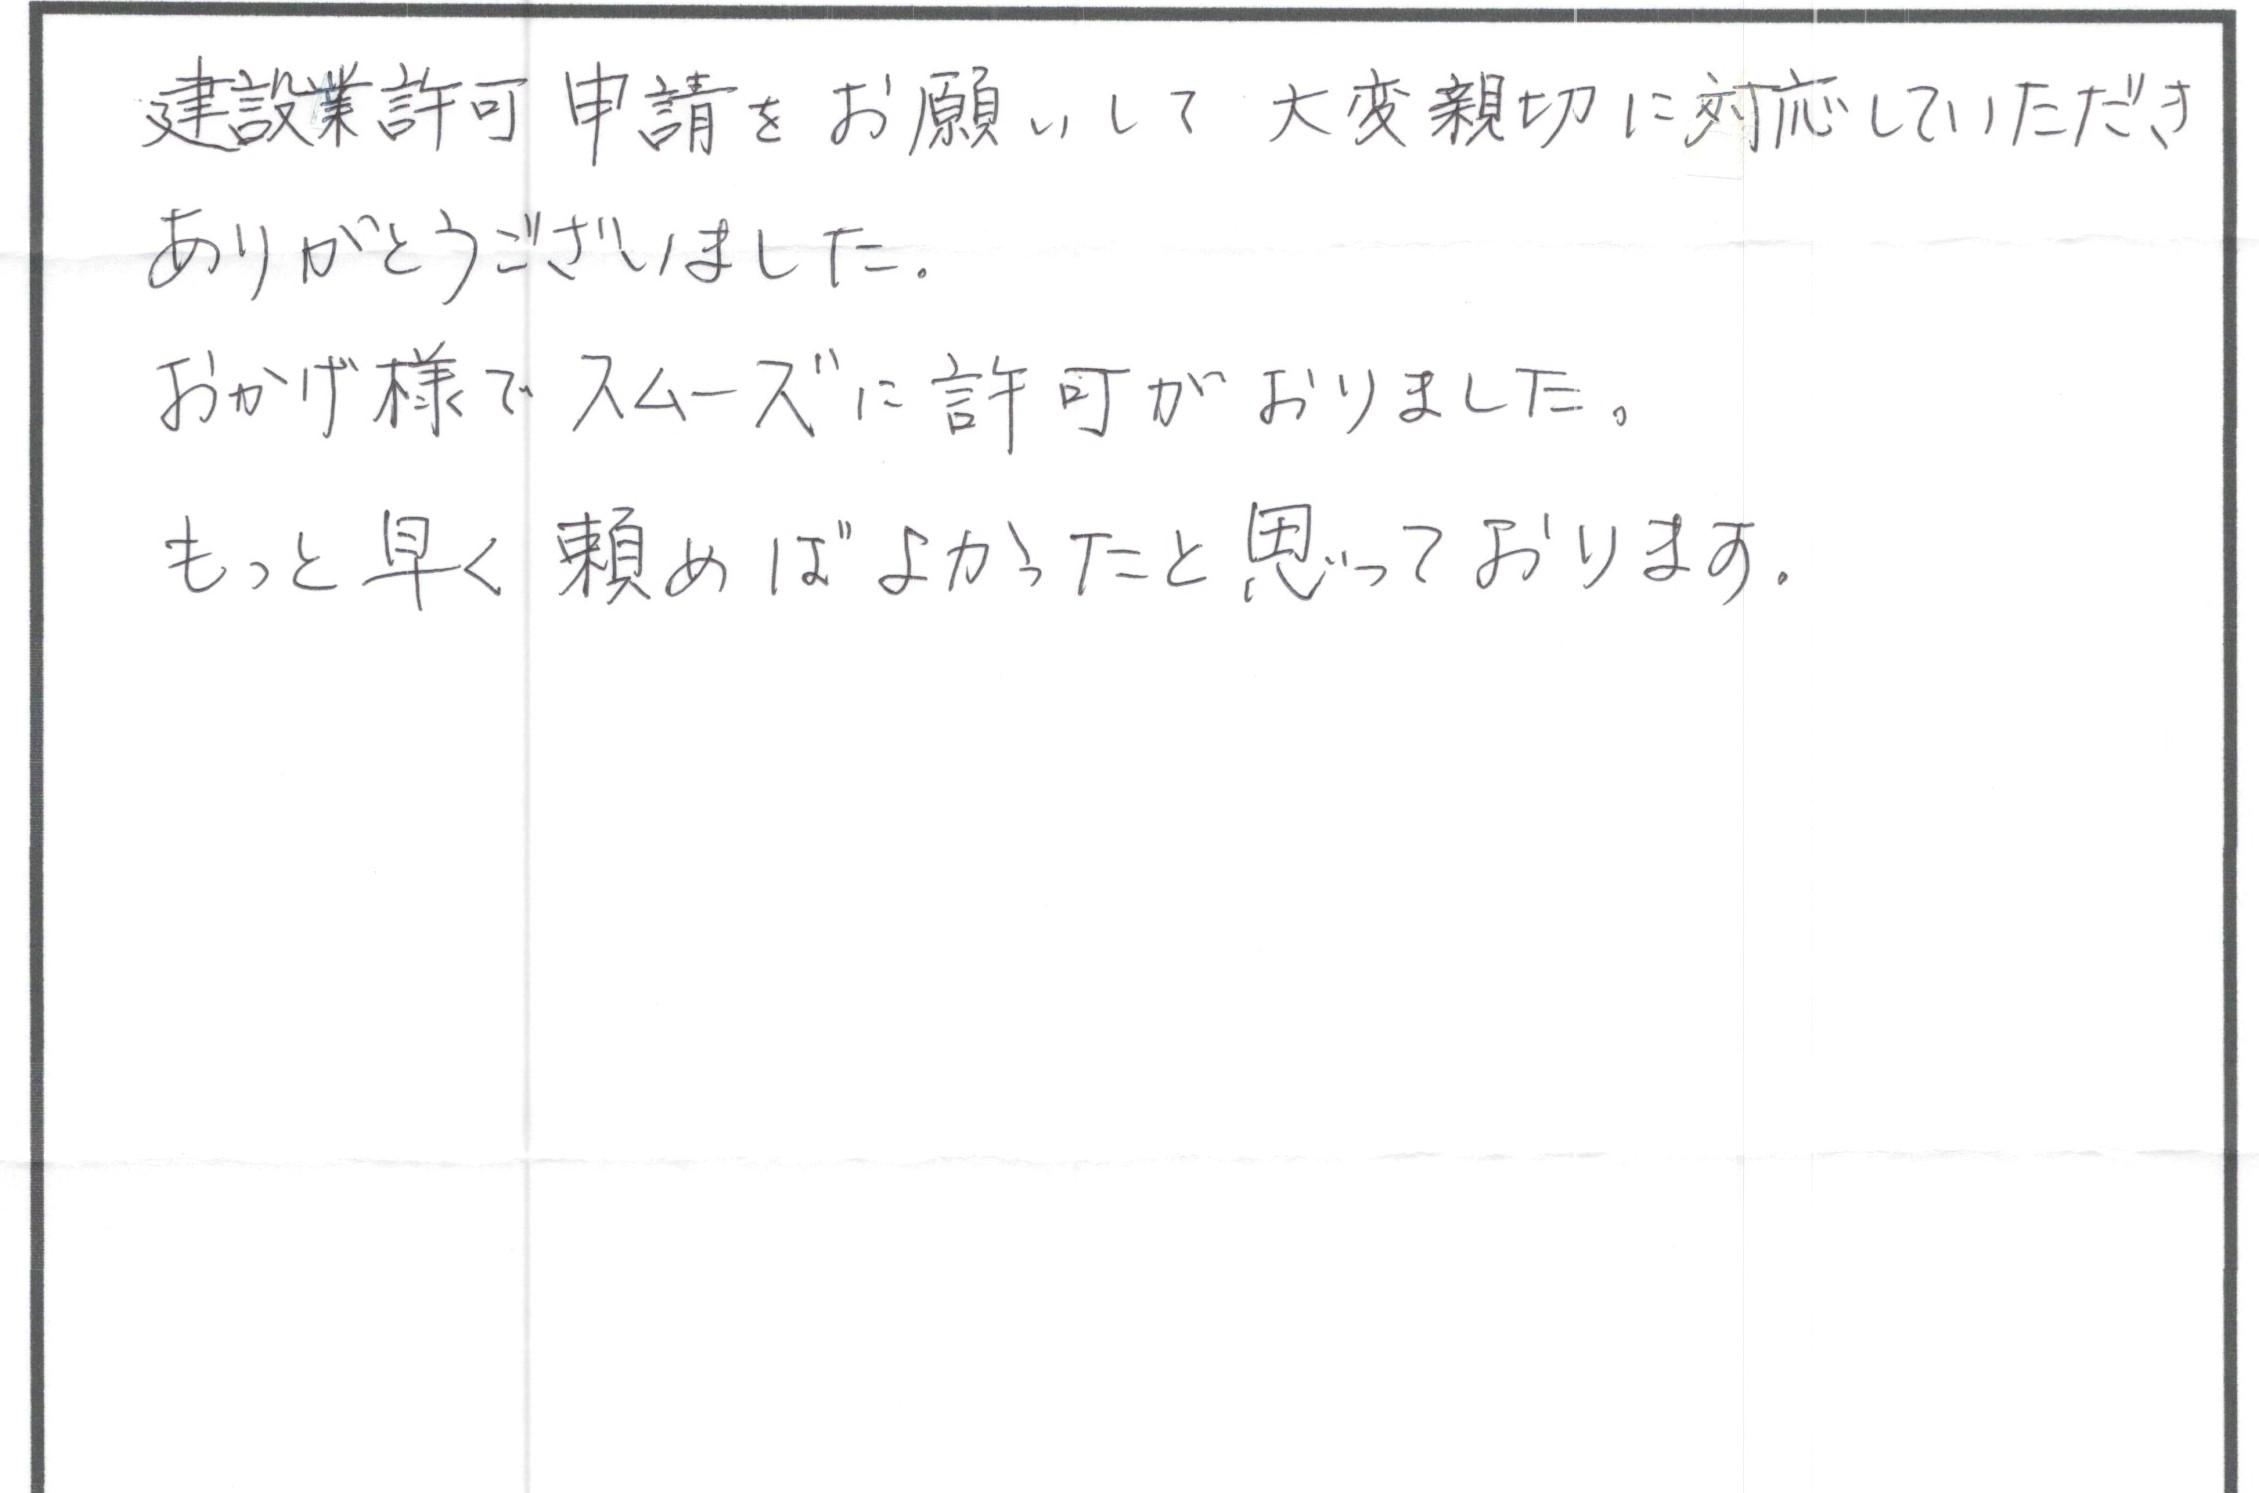 声14(オオツカ)HP用